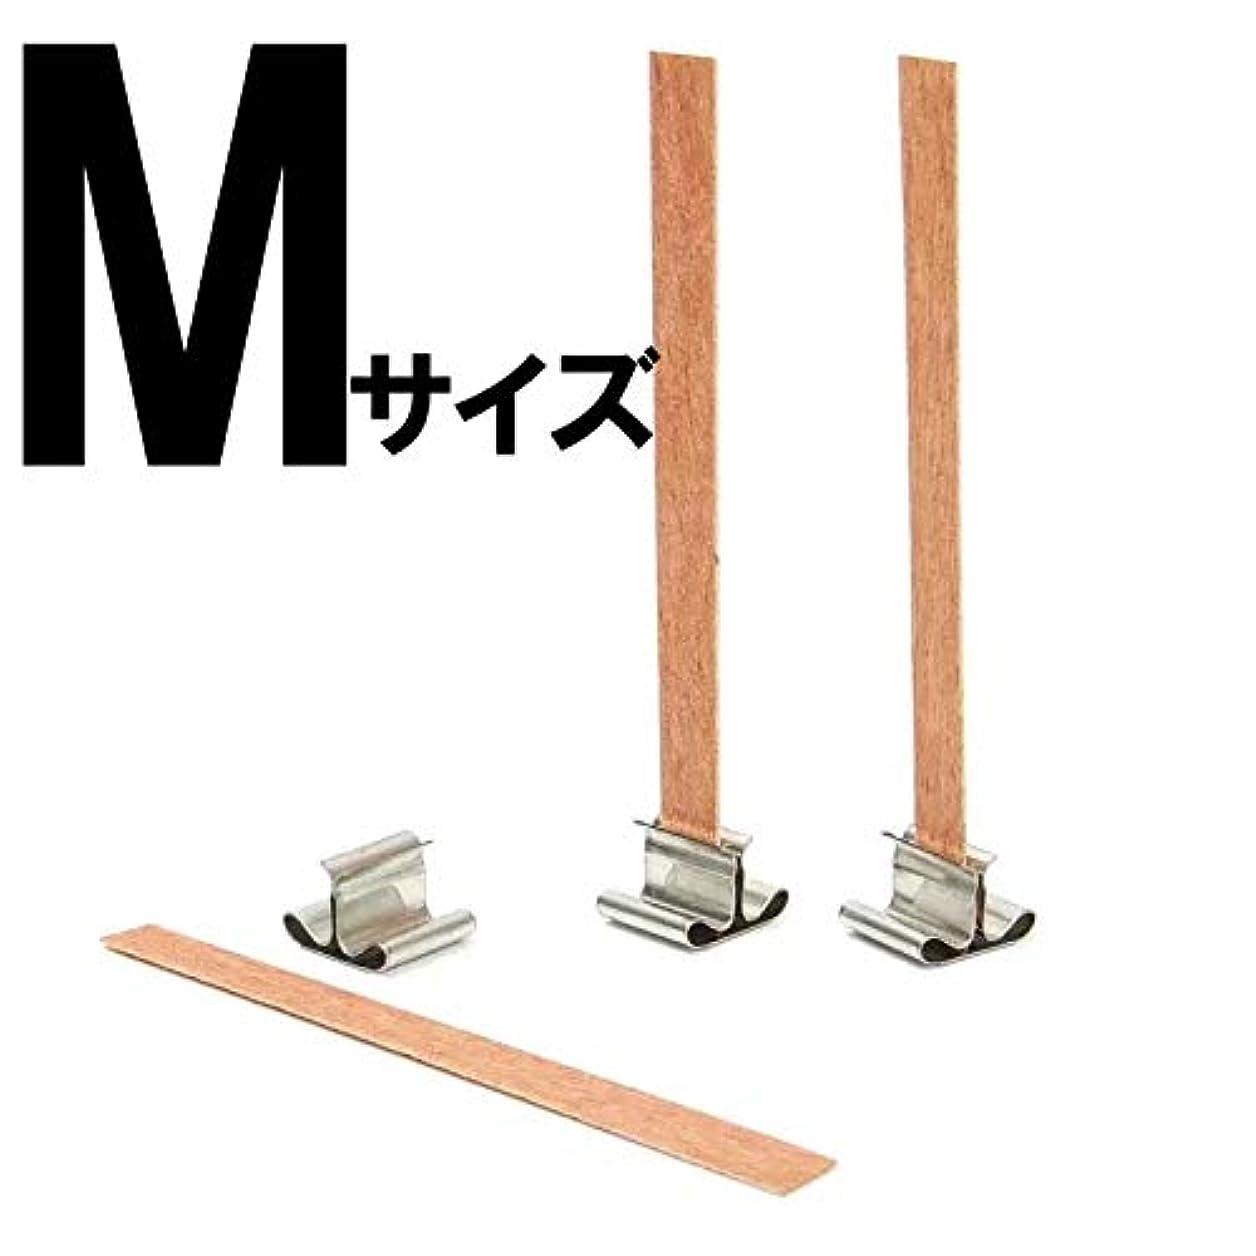 クラッチブレス名義でキャンドル用 木芯 ウッドウィック 座金付き Mサイズ (5本セット)